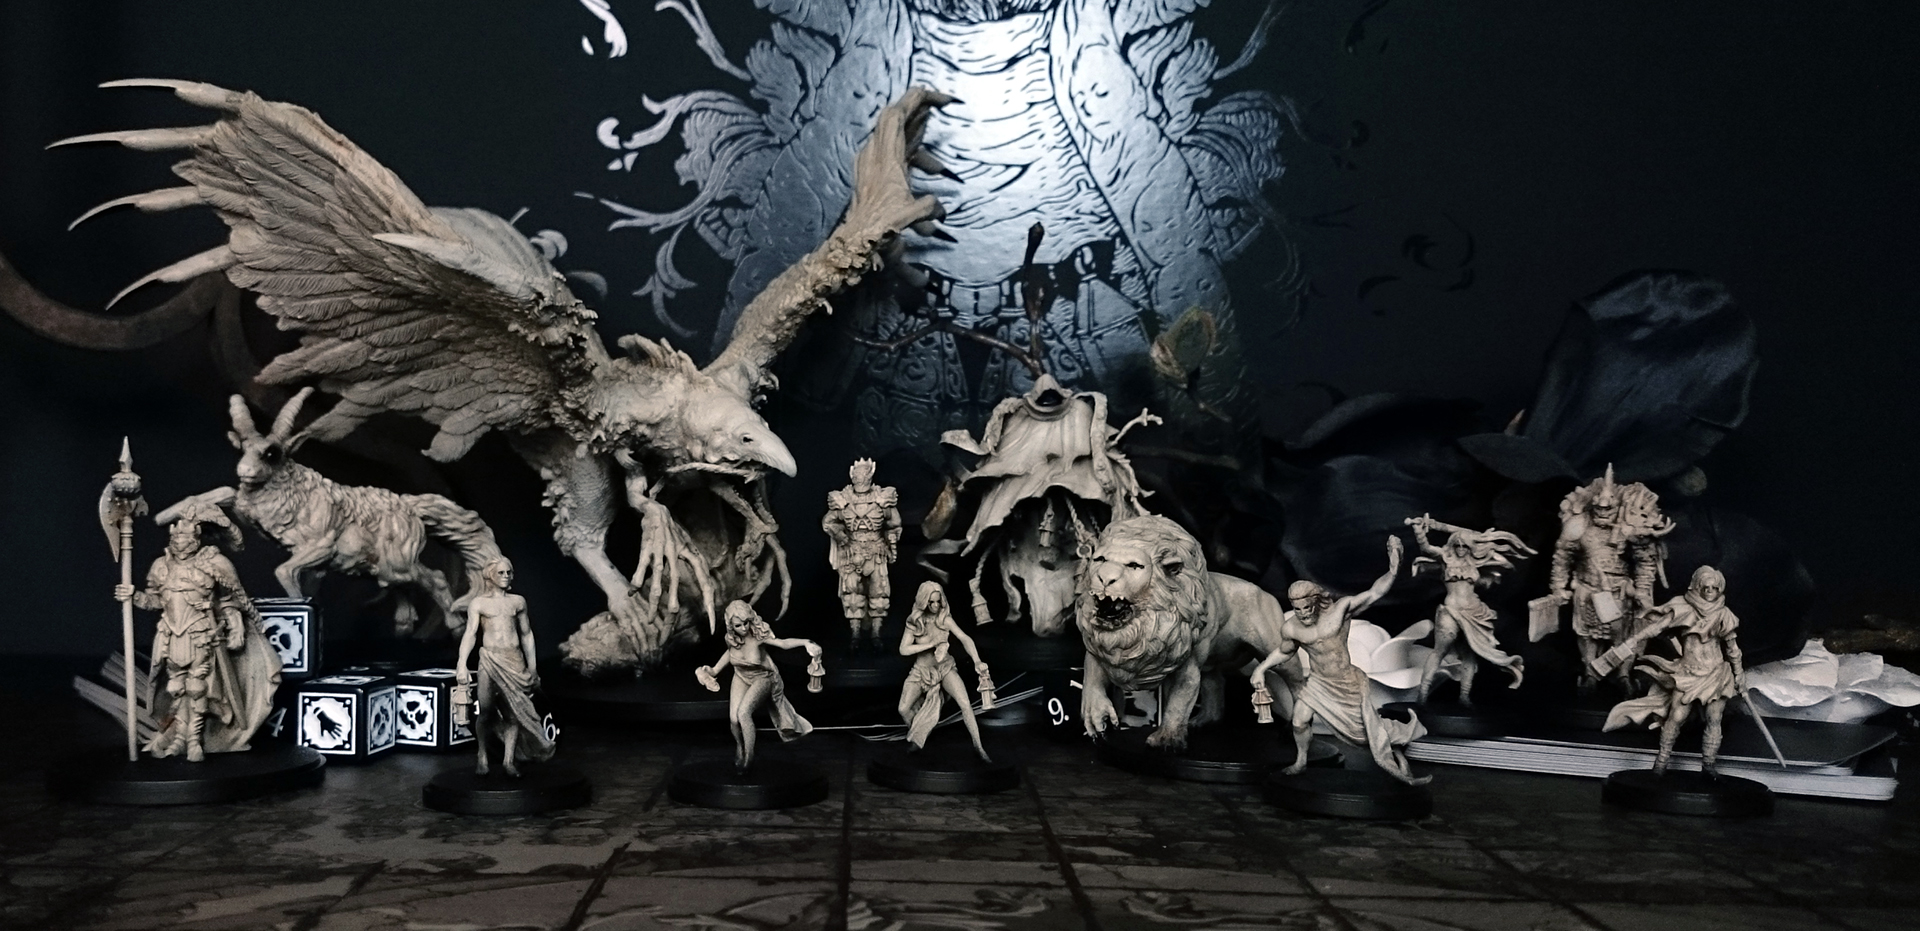 kingdom_death_monster_00